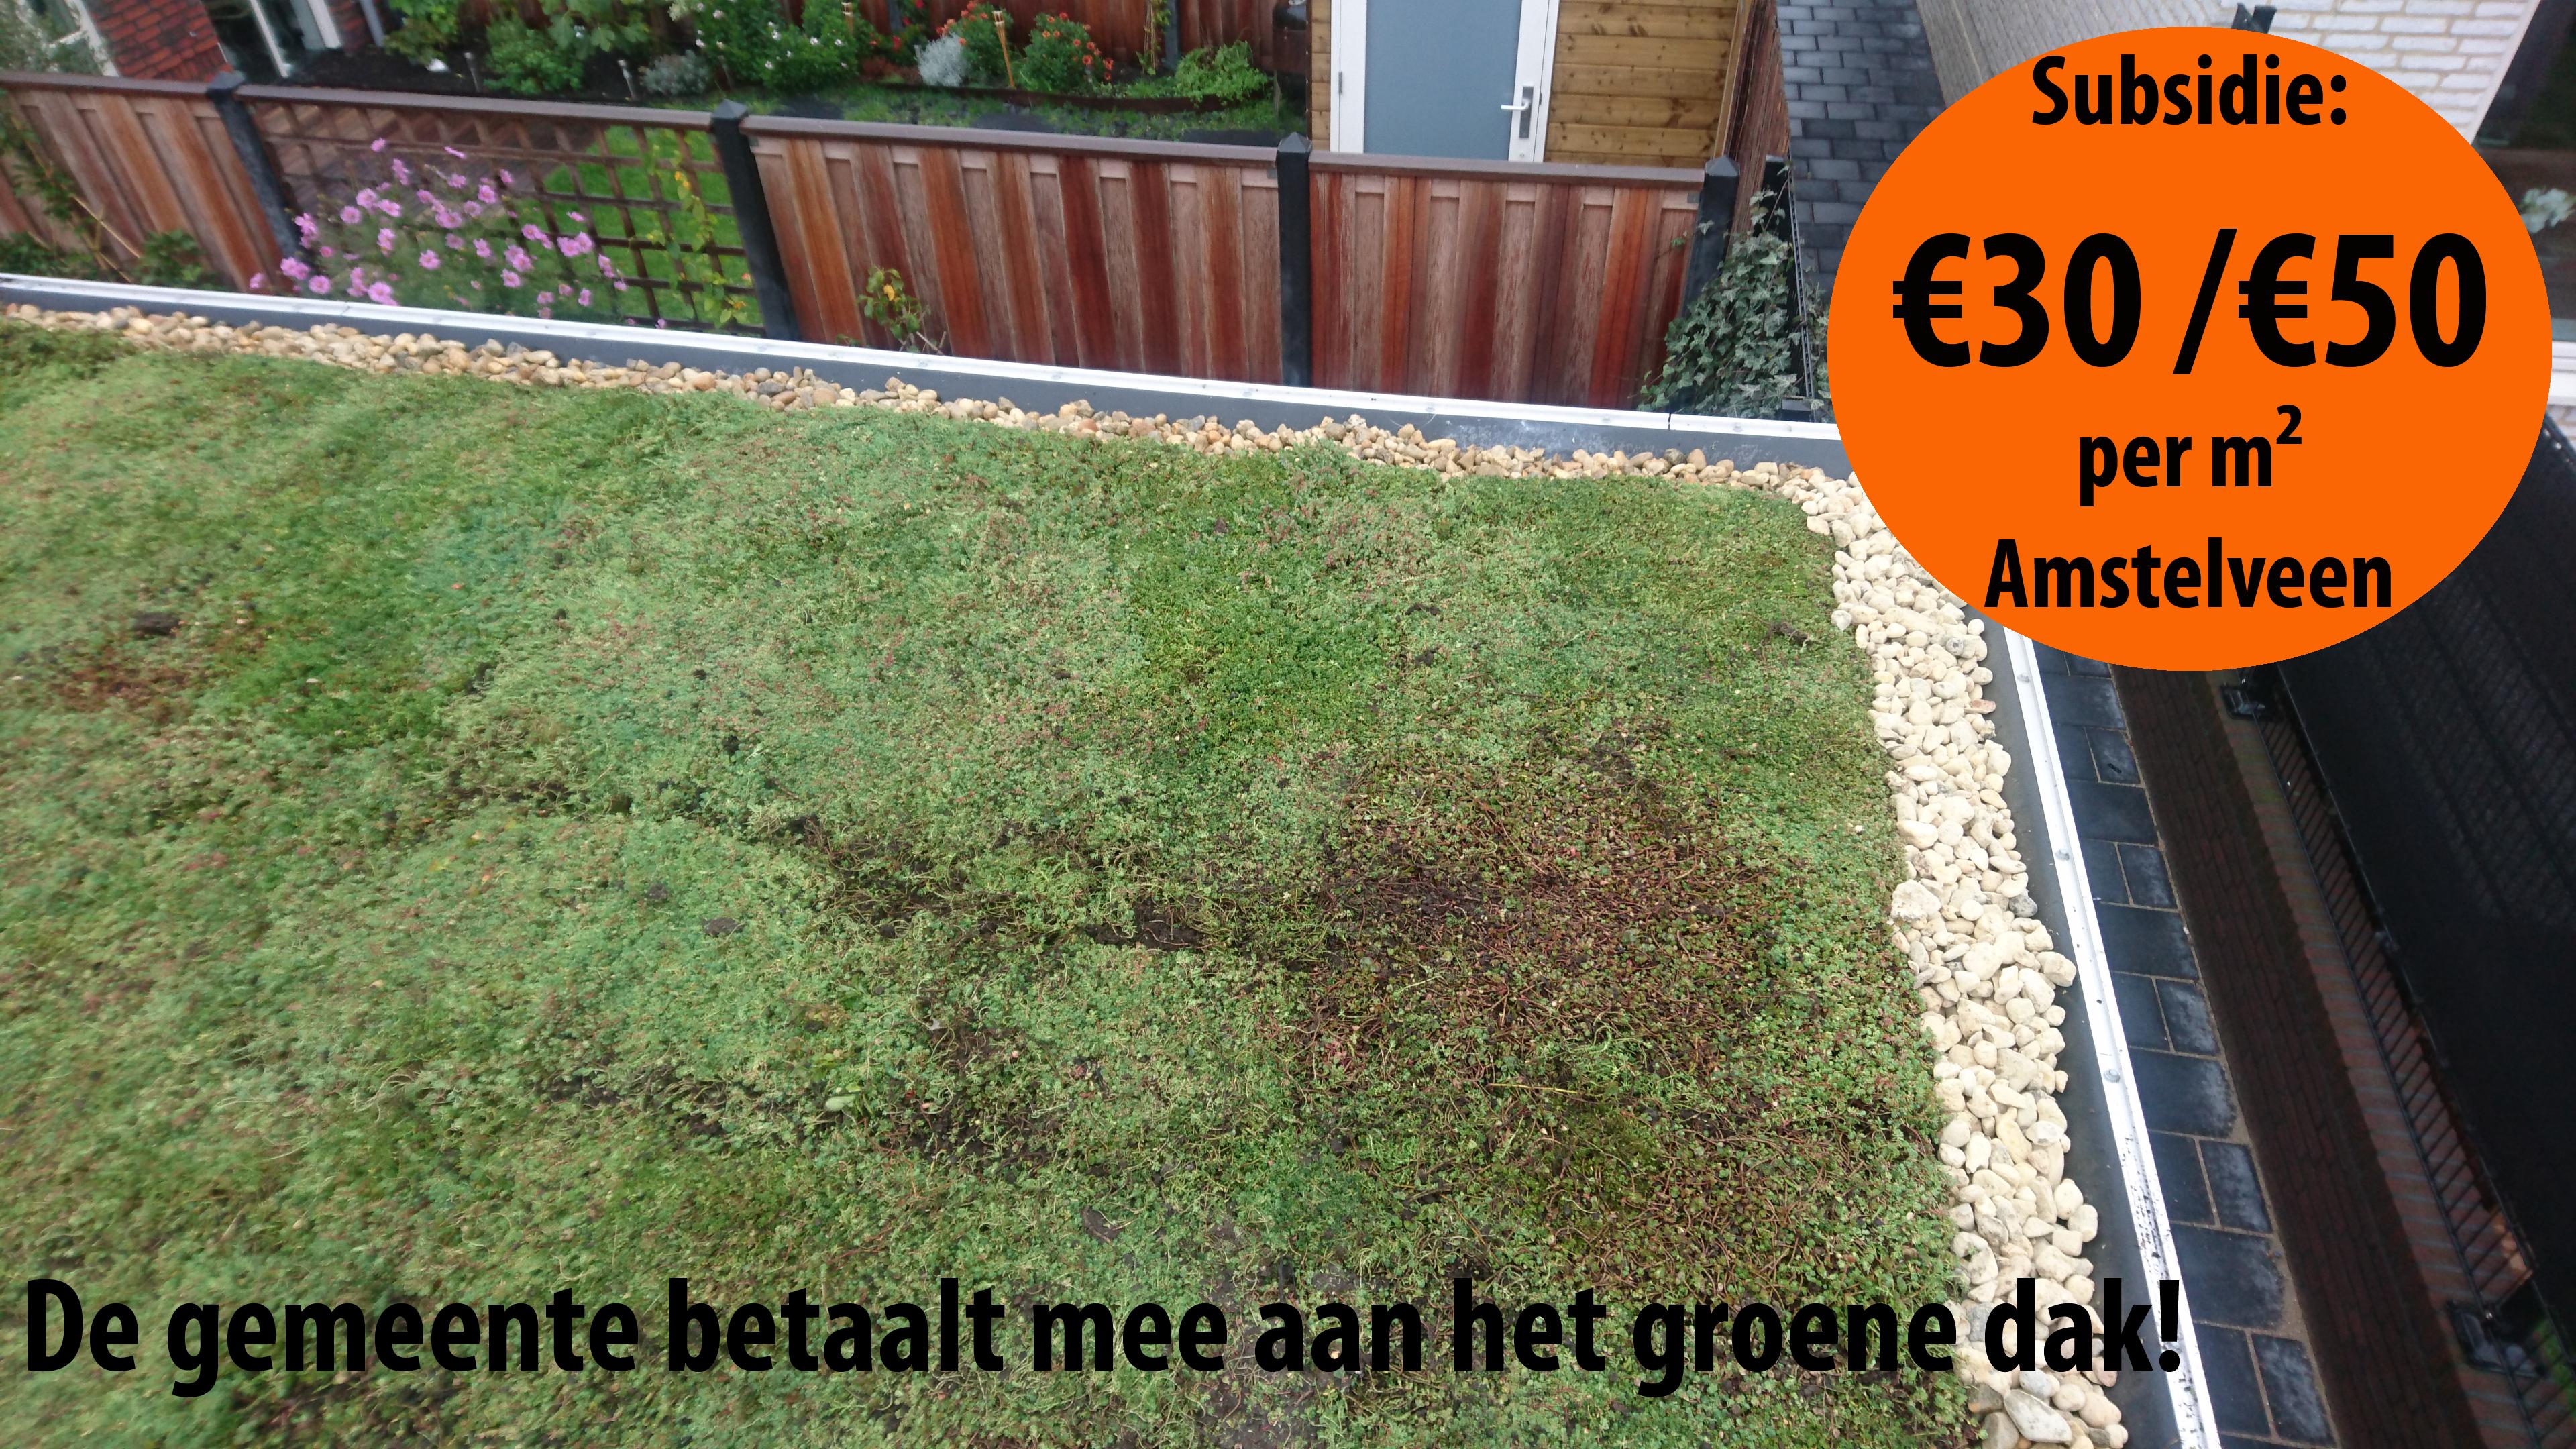 Subsidie voor groene daken in Amstelveen